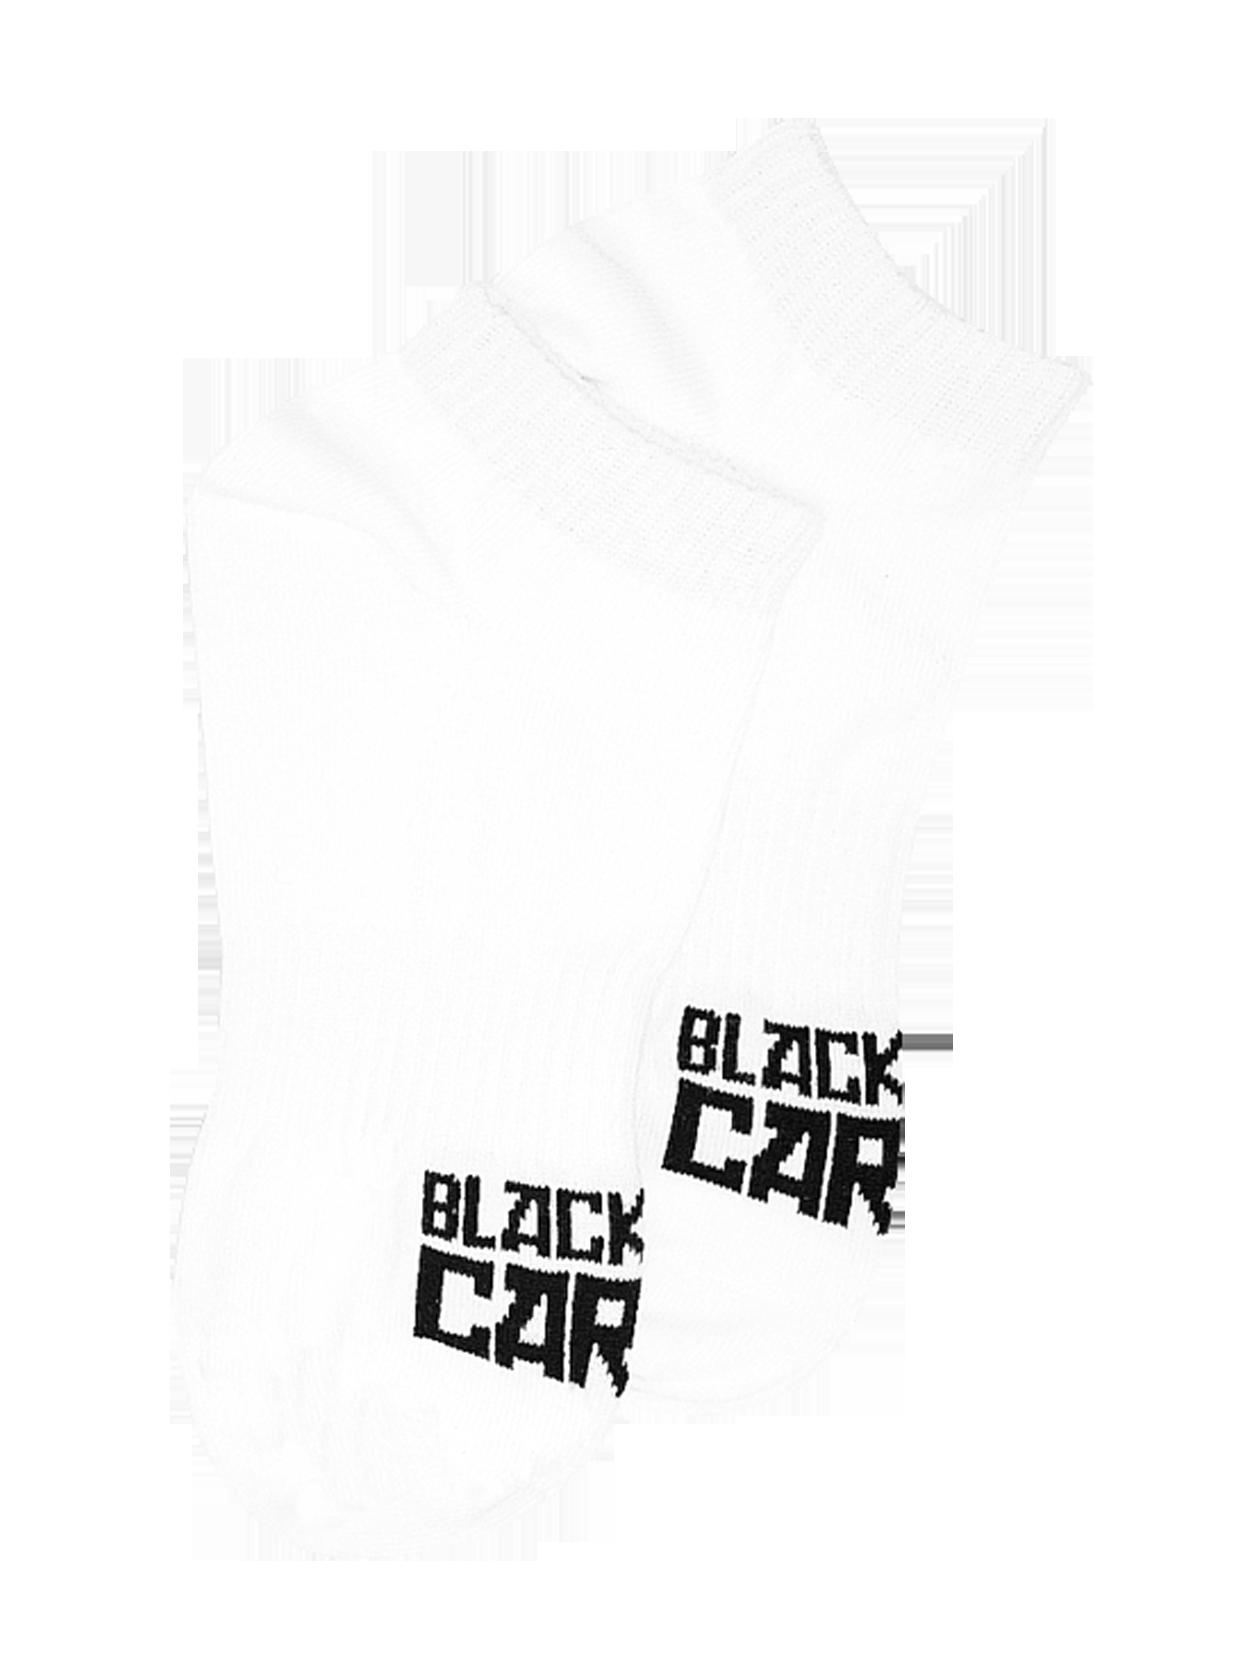 Носки унисекс CartelНоски унисекс из коллекции Black Star Wear. Однотонная модель с контрастной надписью Black Star Cartel на тыльной стороне стопы и заниженным верхом, облегающим щиколотку. Изделие из хлопка с добавлением эластичных волокон для лучшей и более плотной посадки по ноге. Прекрасно подходят для повседневной носки и занятий спортом.<br><br>Размер: 41/42<br>Цвет: Белый<br>Пол: Унисекс